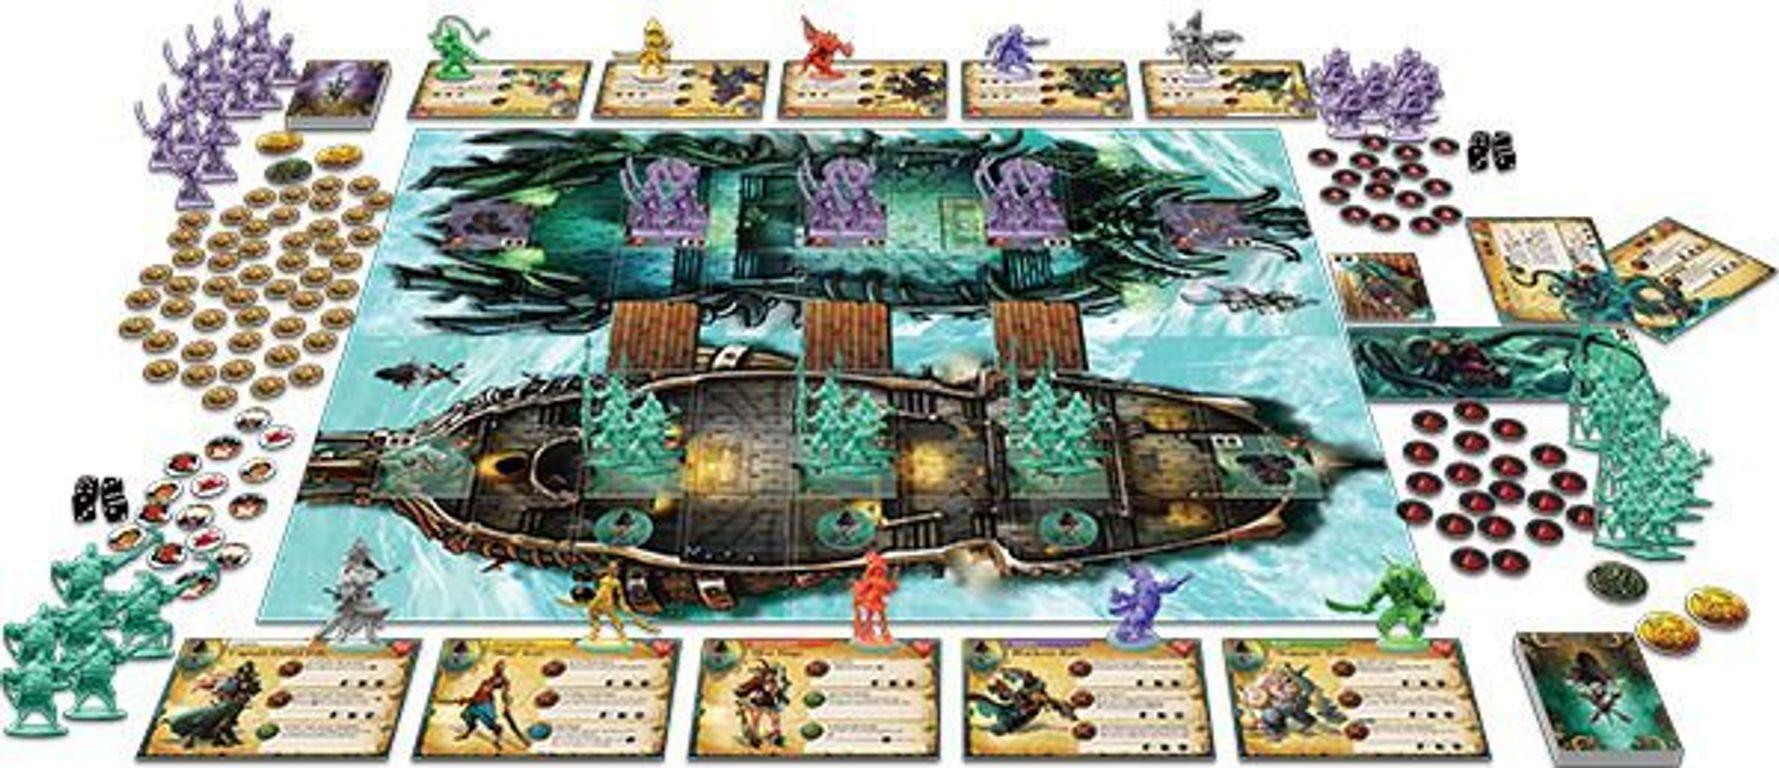 Rum & Bones gameplay